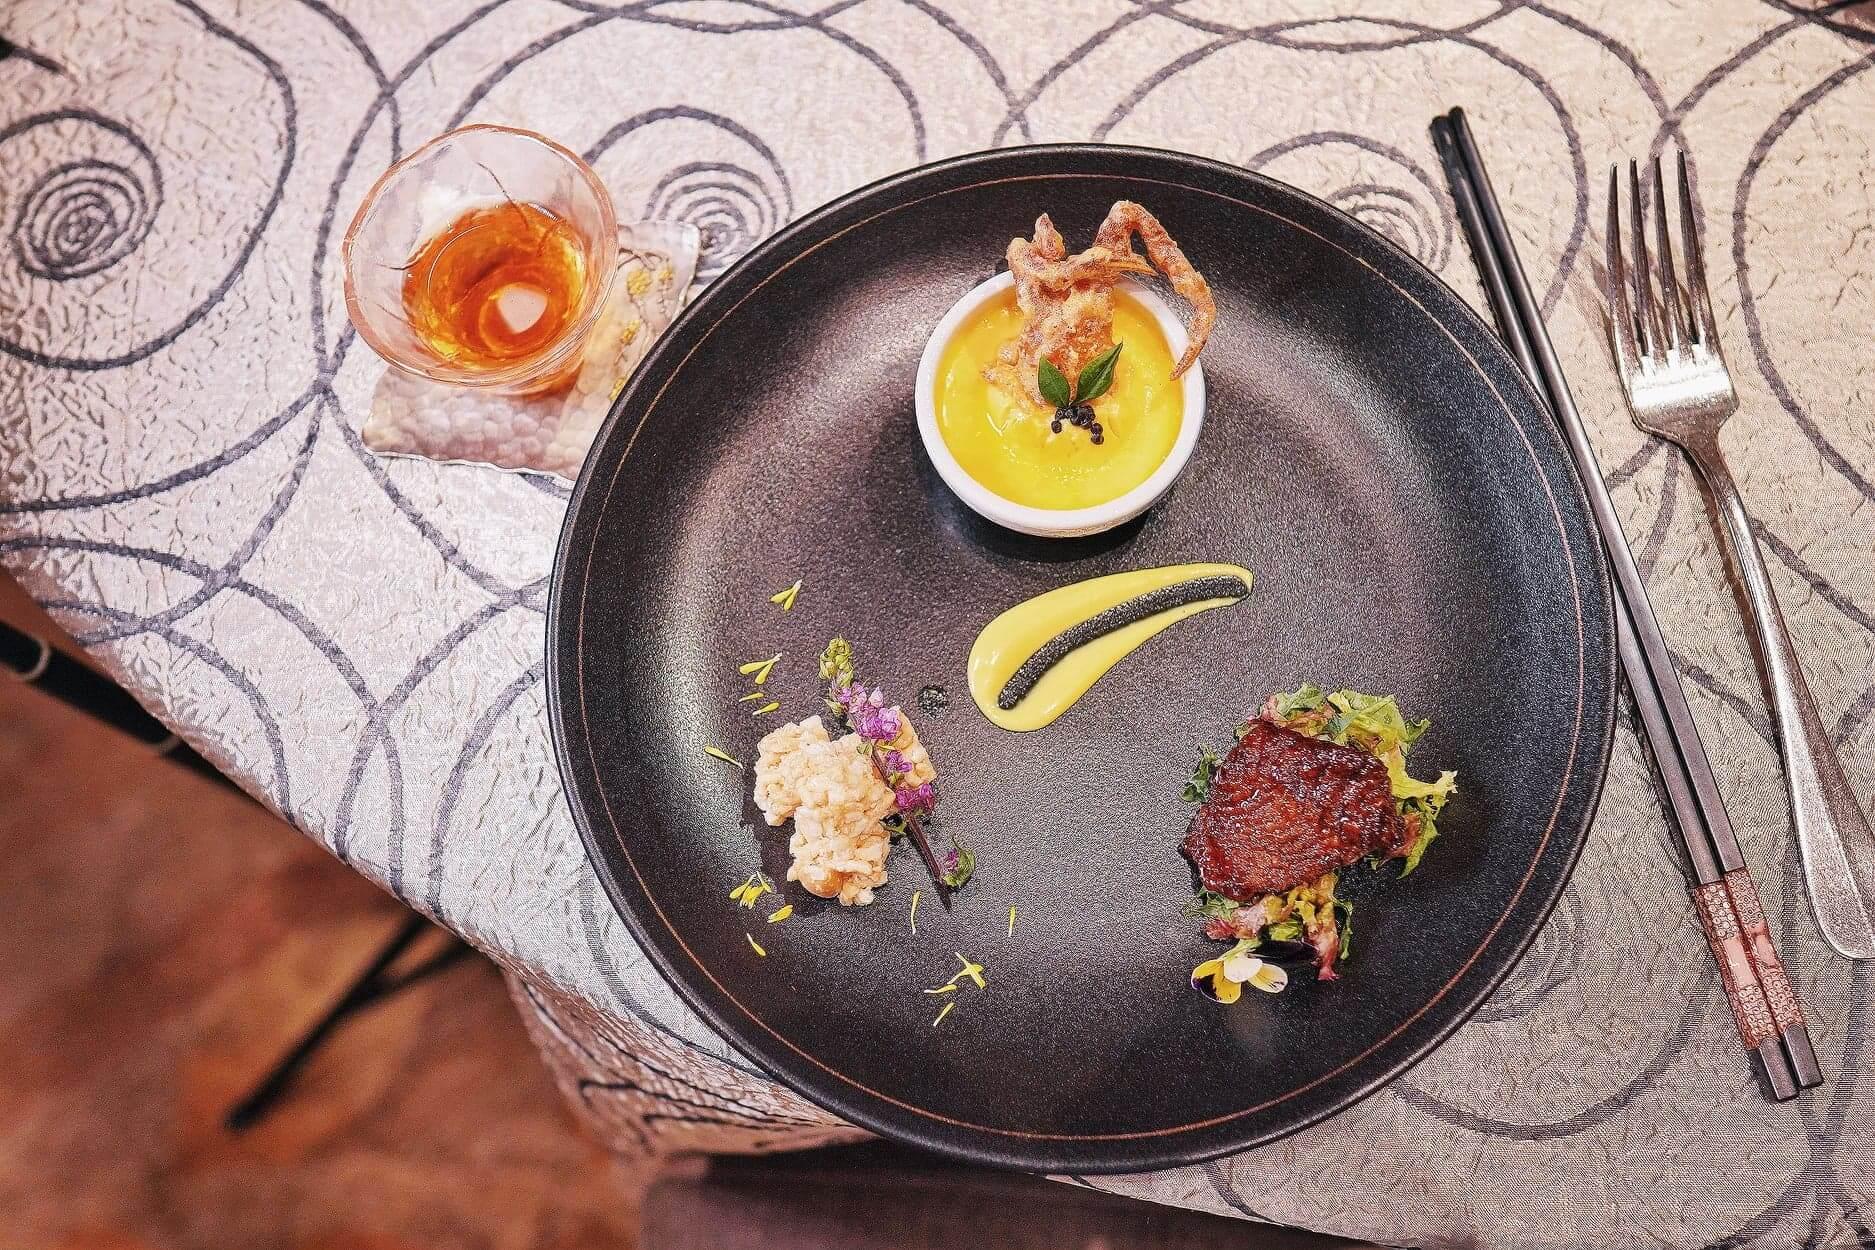 由煙燻鯧魚、蟹茶碗蒸及爆玉米花組成精緻菜餚。